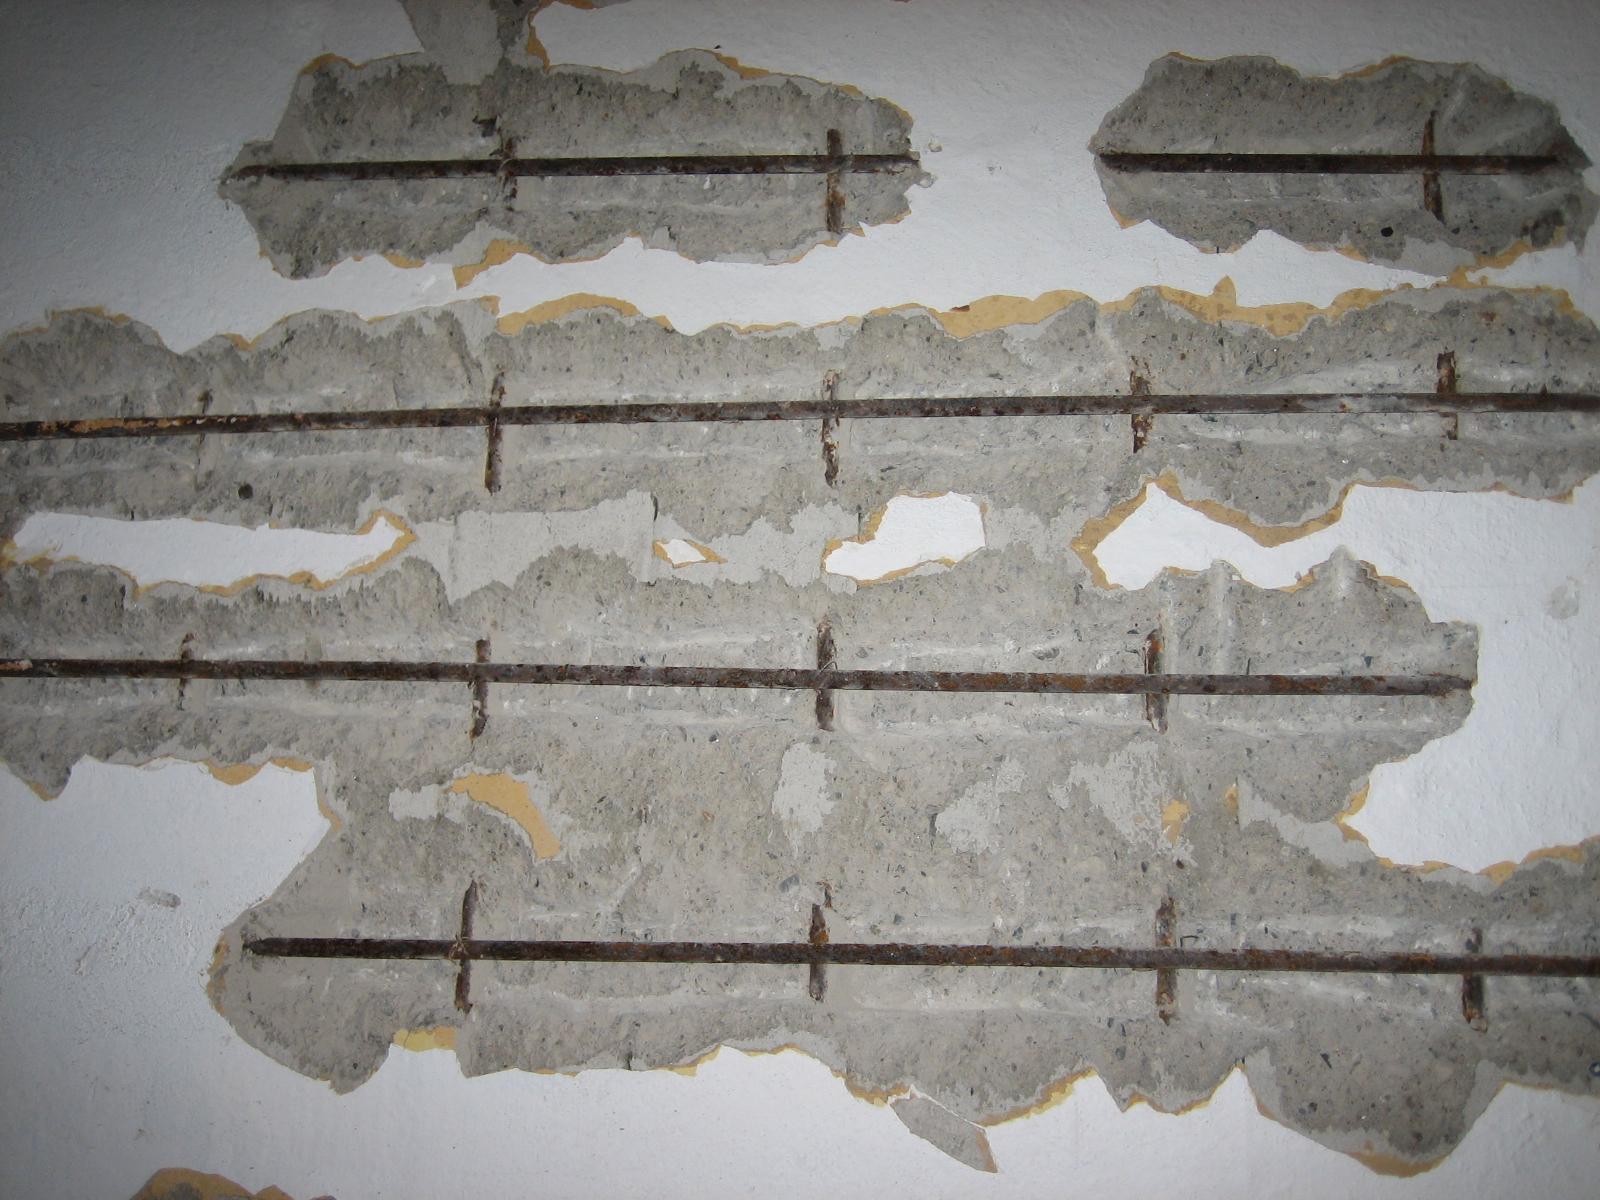 Armeringsjern som ruster utvider seg og fører også til skader på betong og puss. Foto Sjur Mehlum / Riksantikvaren